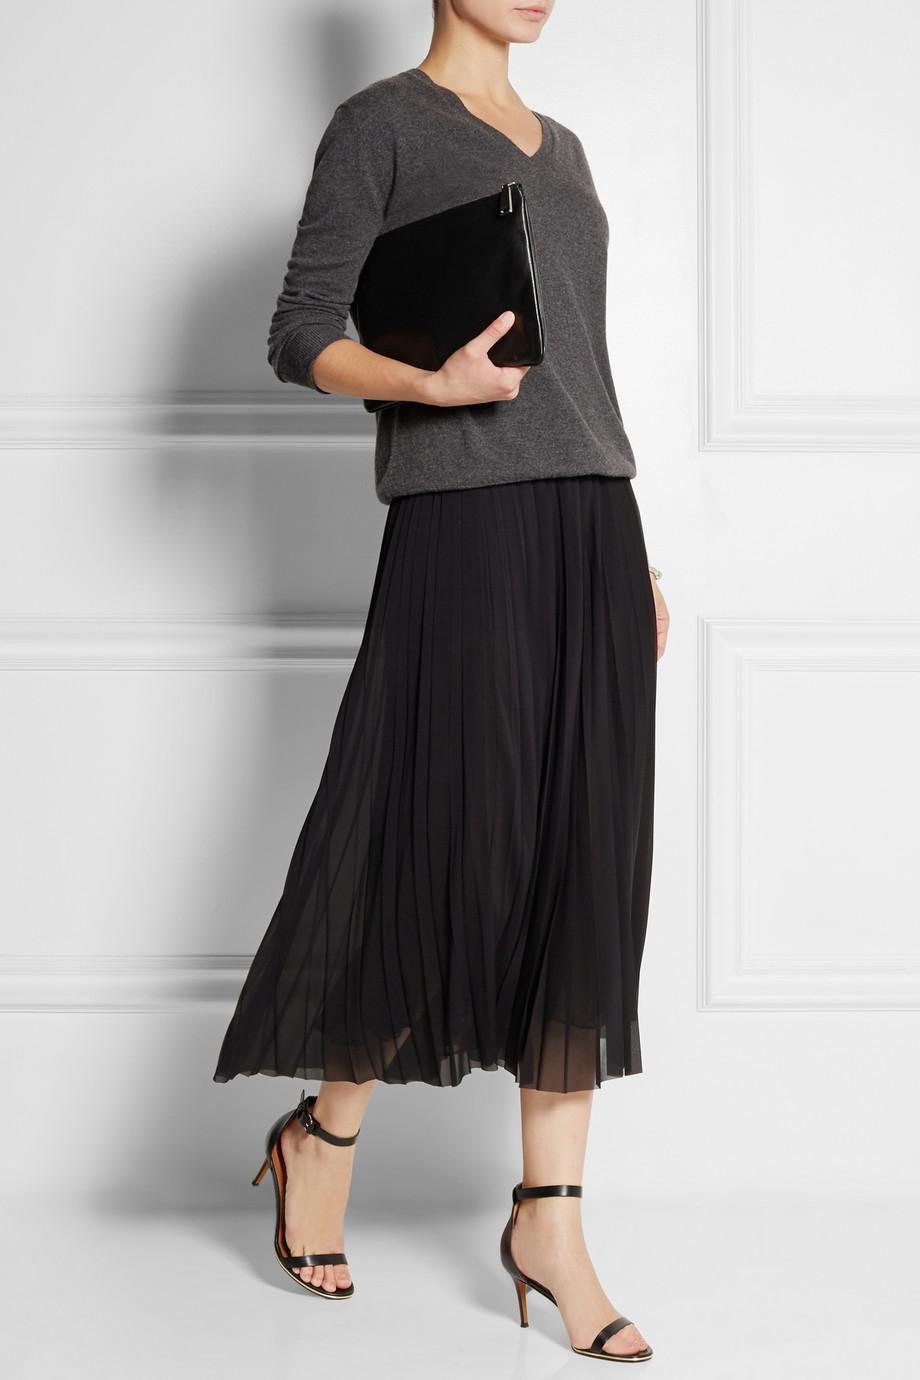 Donna karan Pleated Stretch-Silk Chiffon Midi Skirt in Black | Lyst